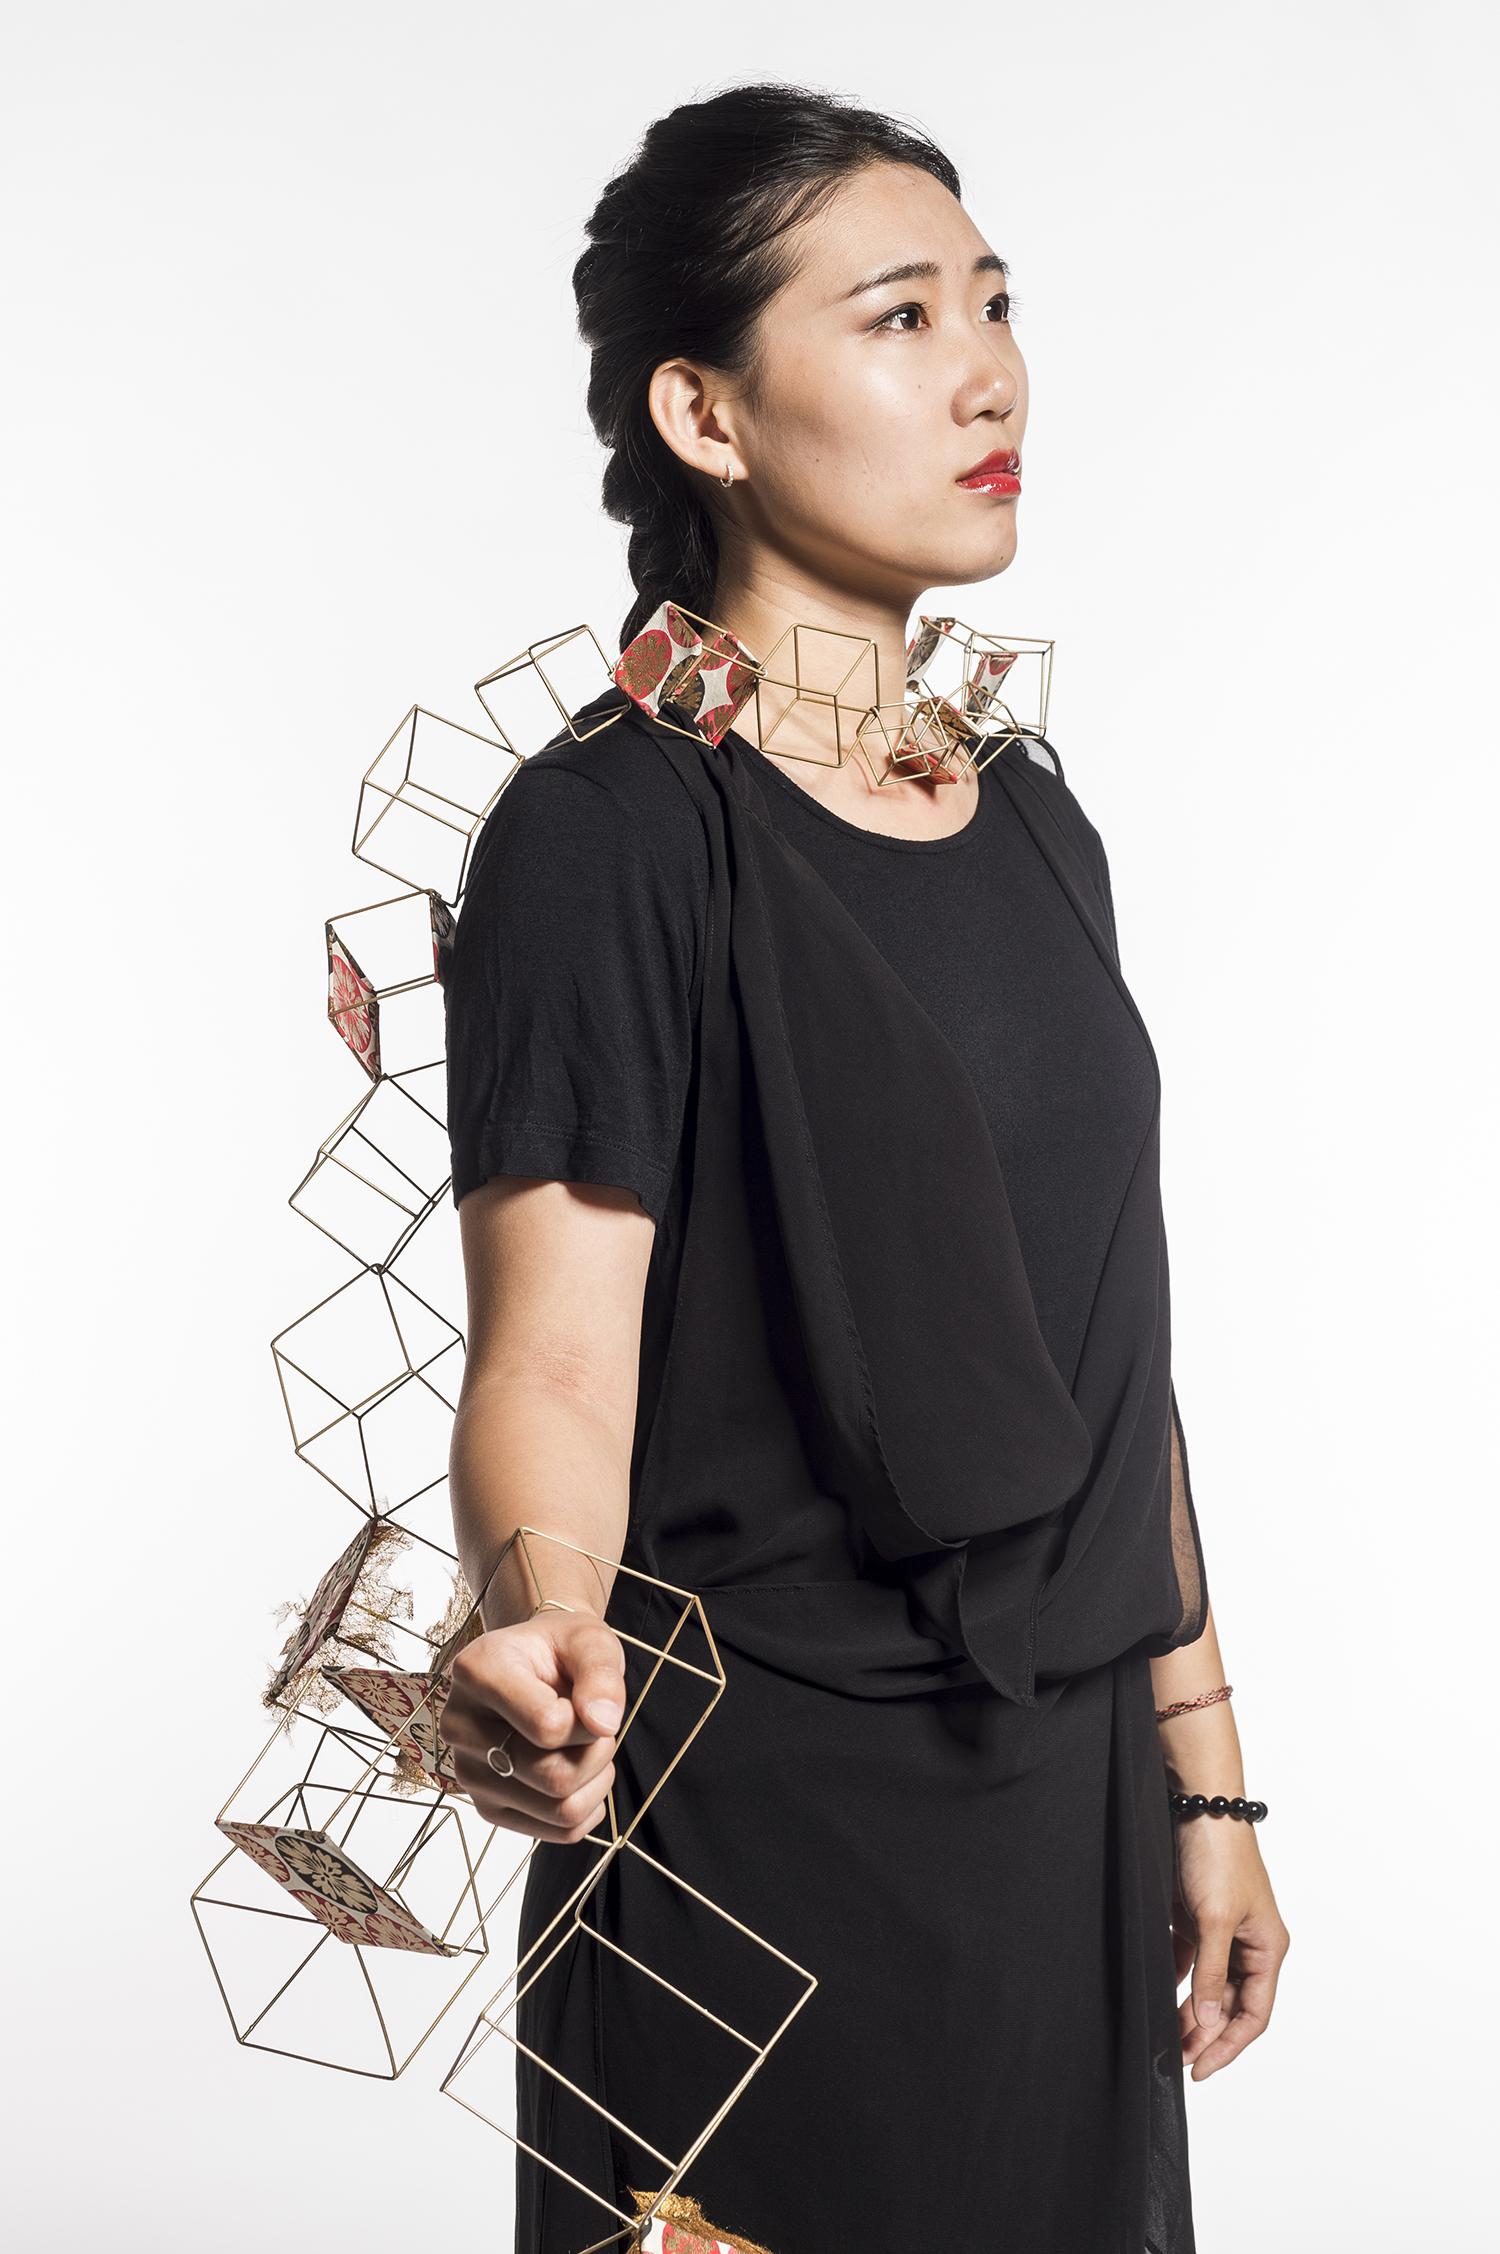 Wearable sculpture by Kerina Mangiaracina